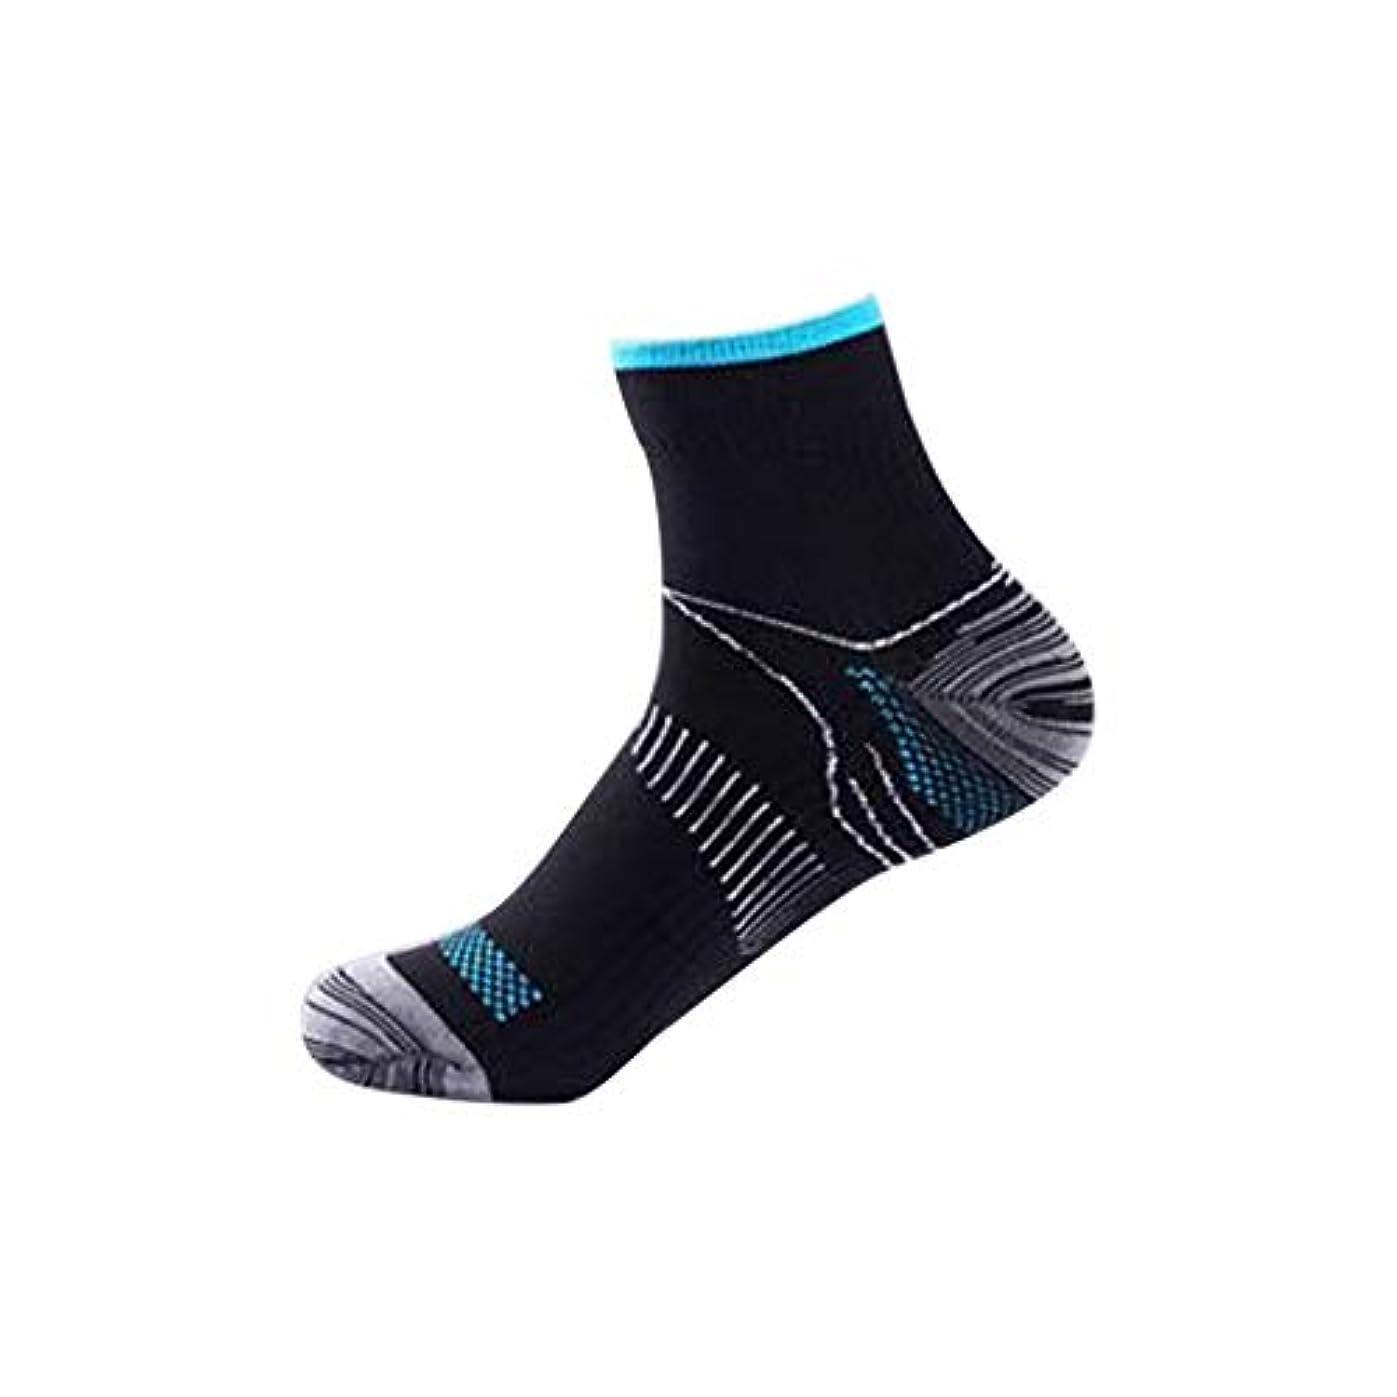 ライセンス状態踏み台快適な男性の女性の膝の靴下のサポートストレッチ通気性の靴下の下の短いストレッチ圧縮の靴下